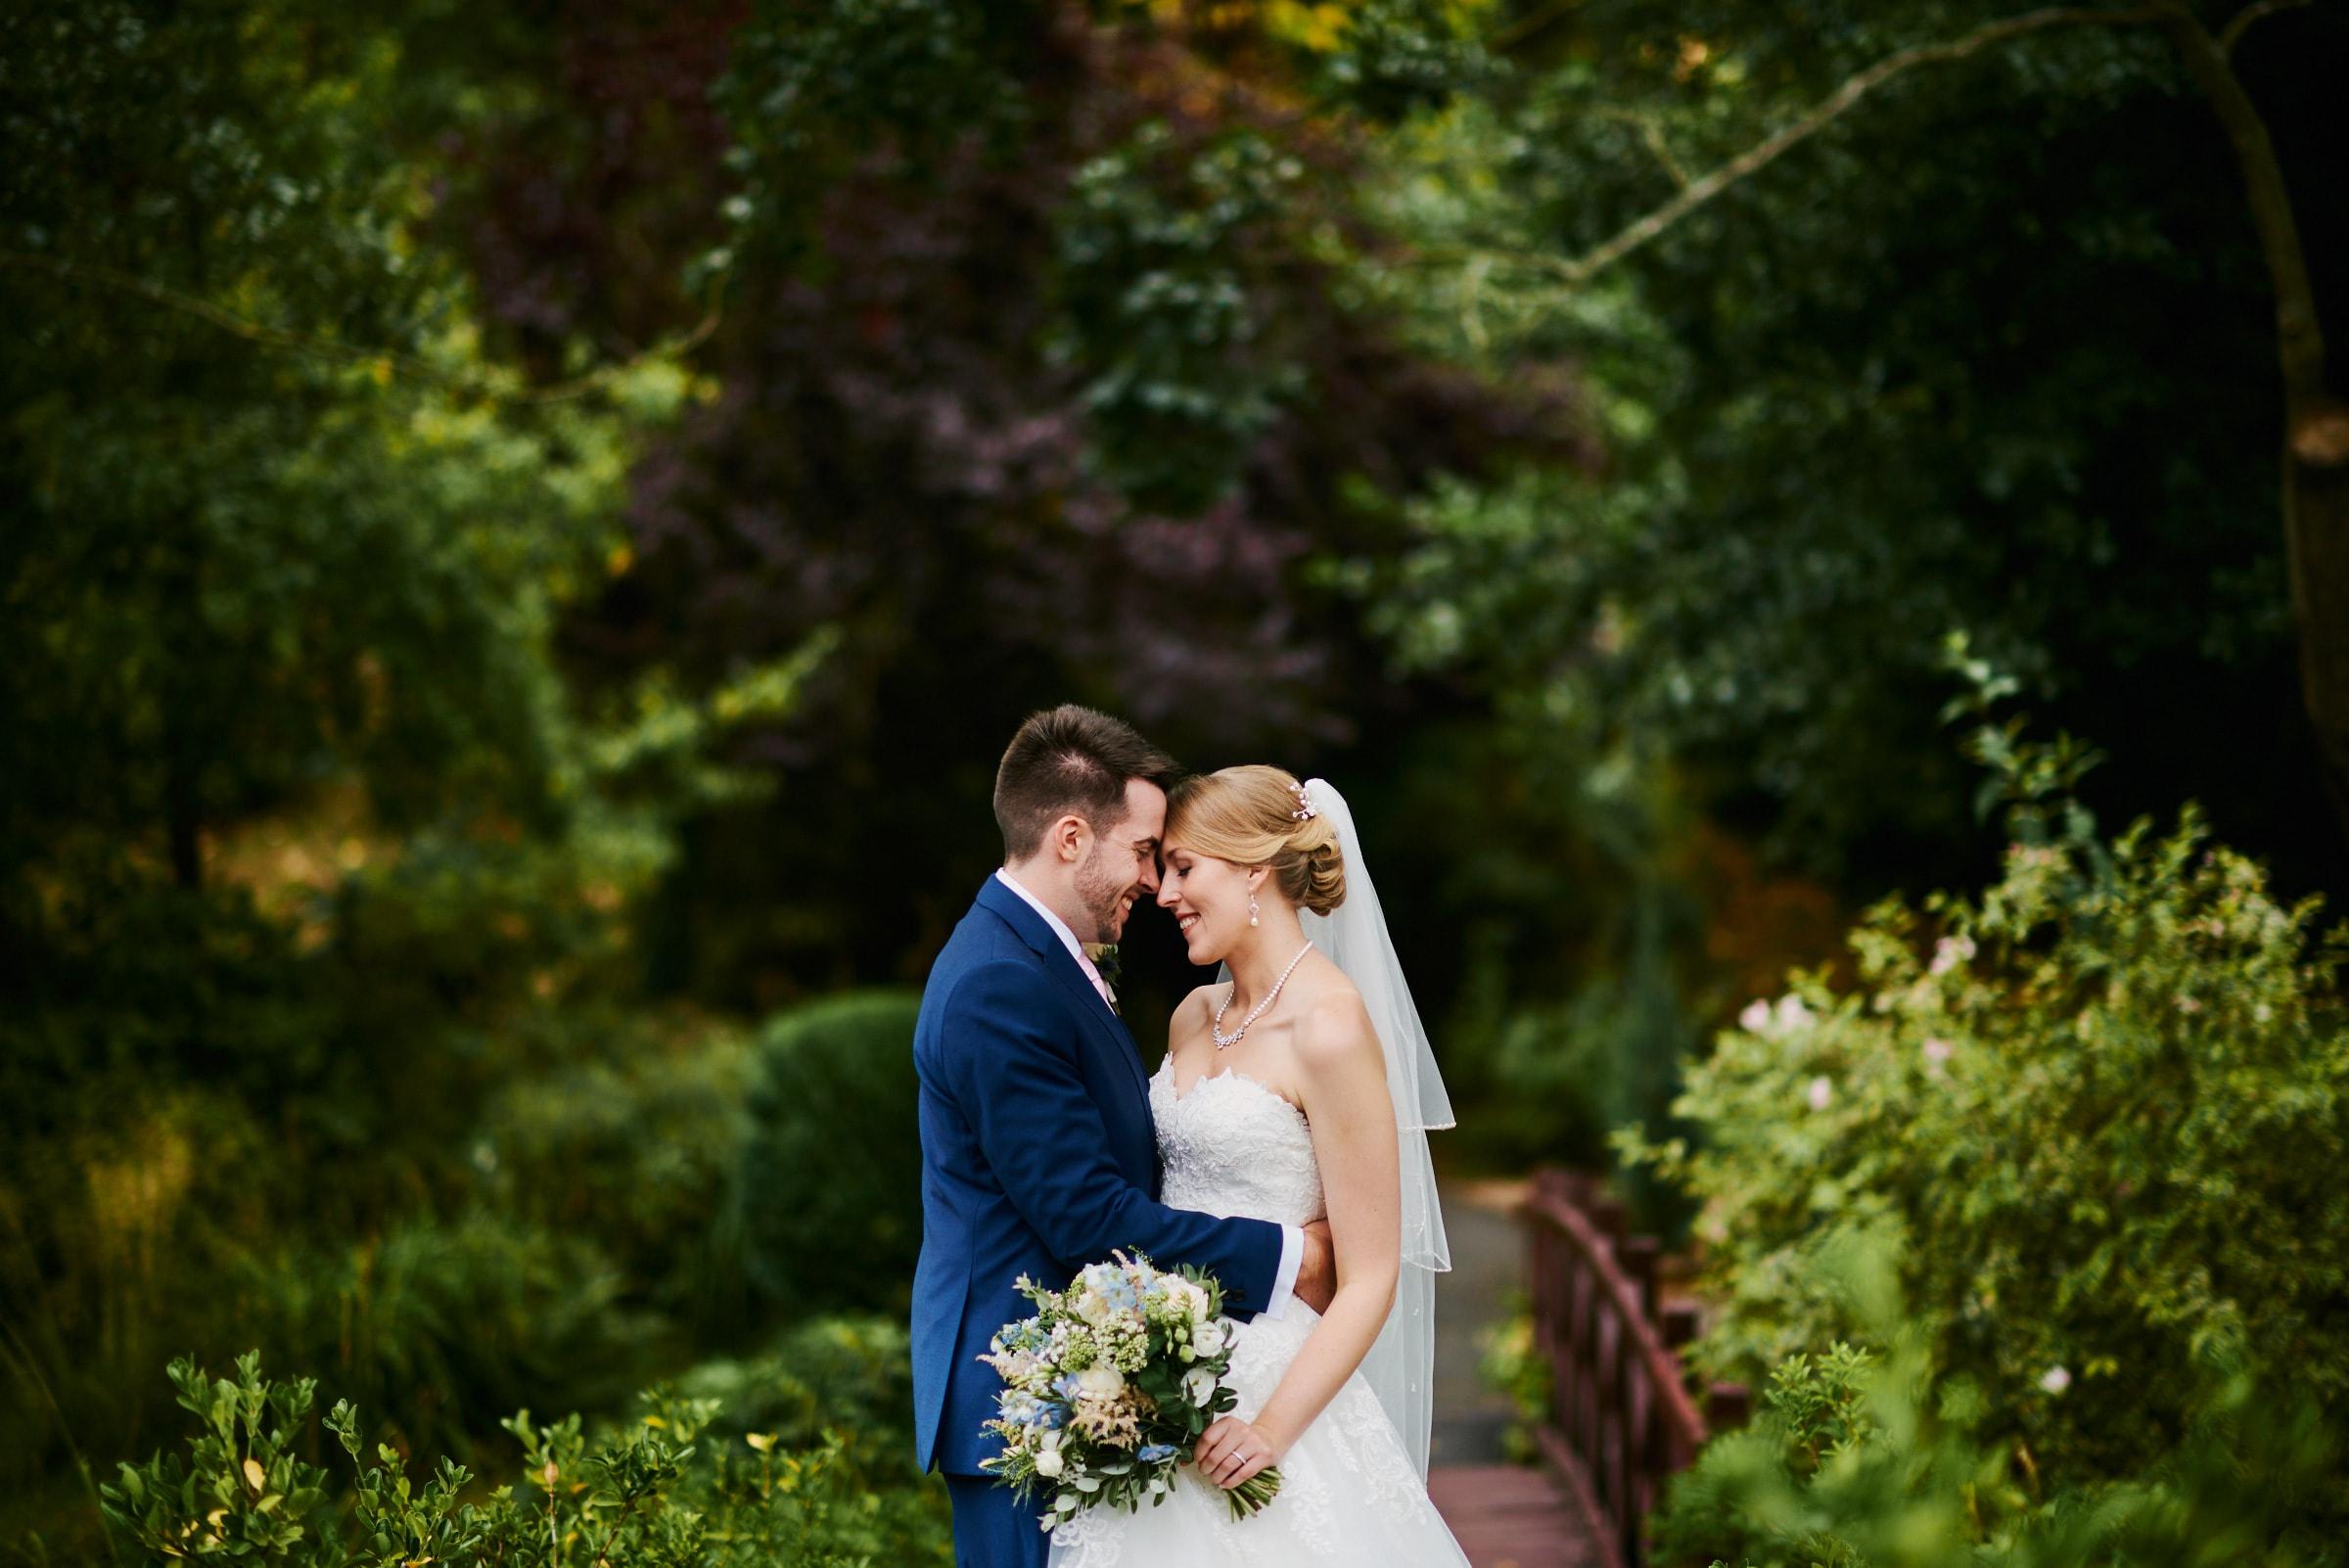 Mill Barns wedding venue in Shropshire